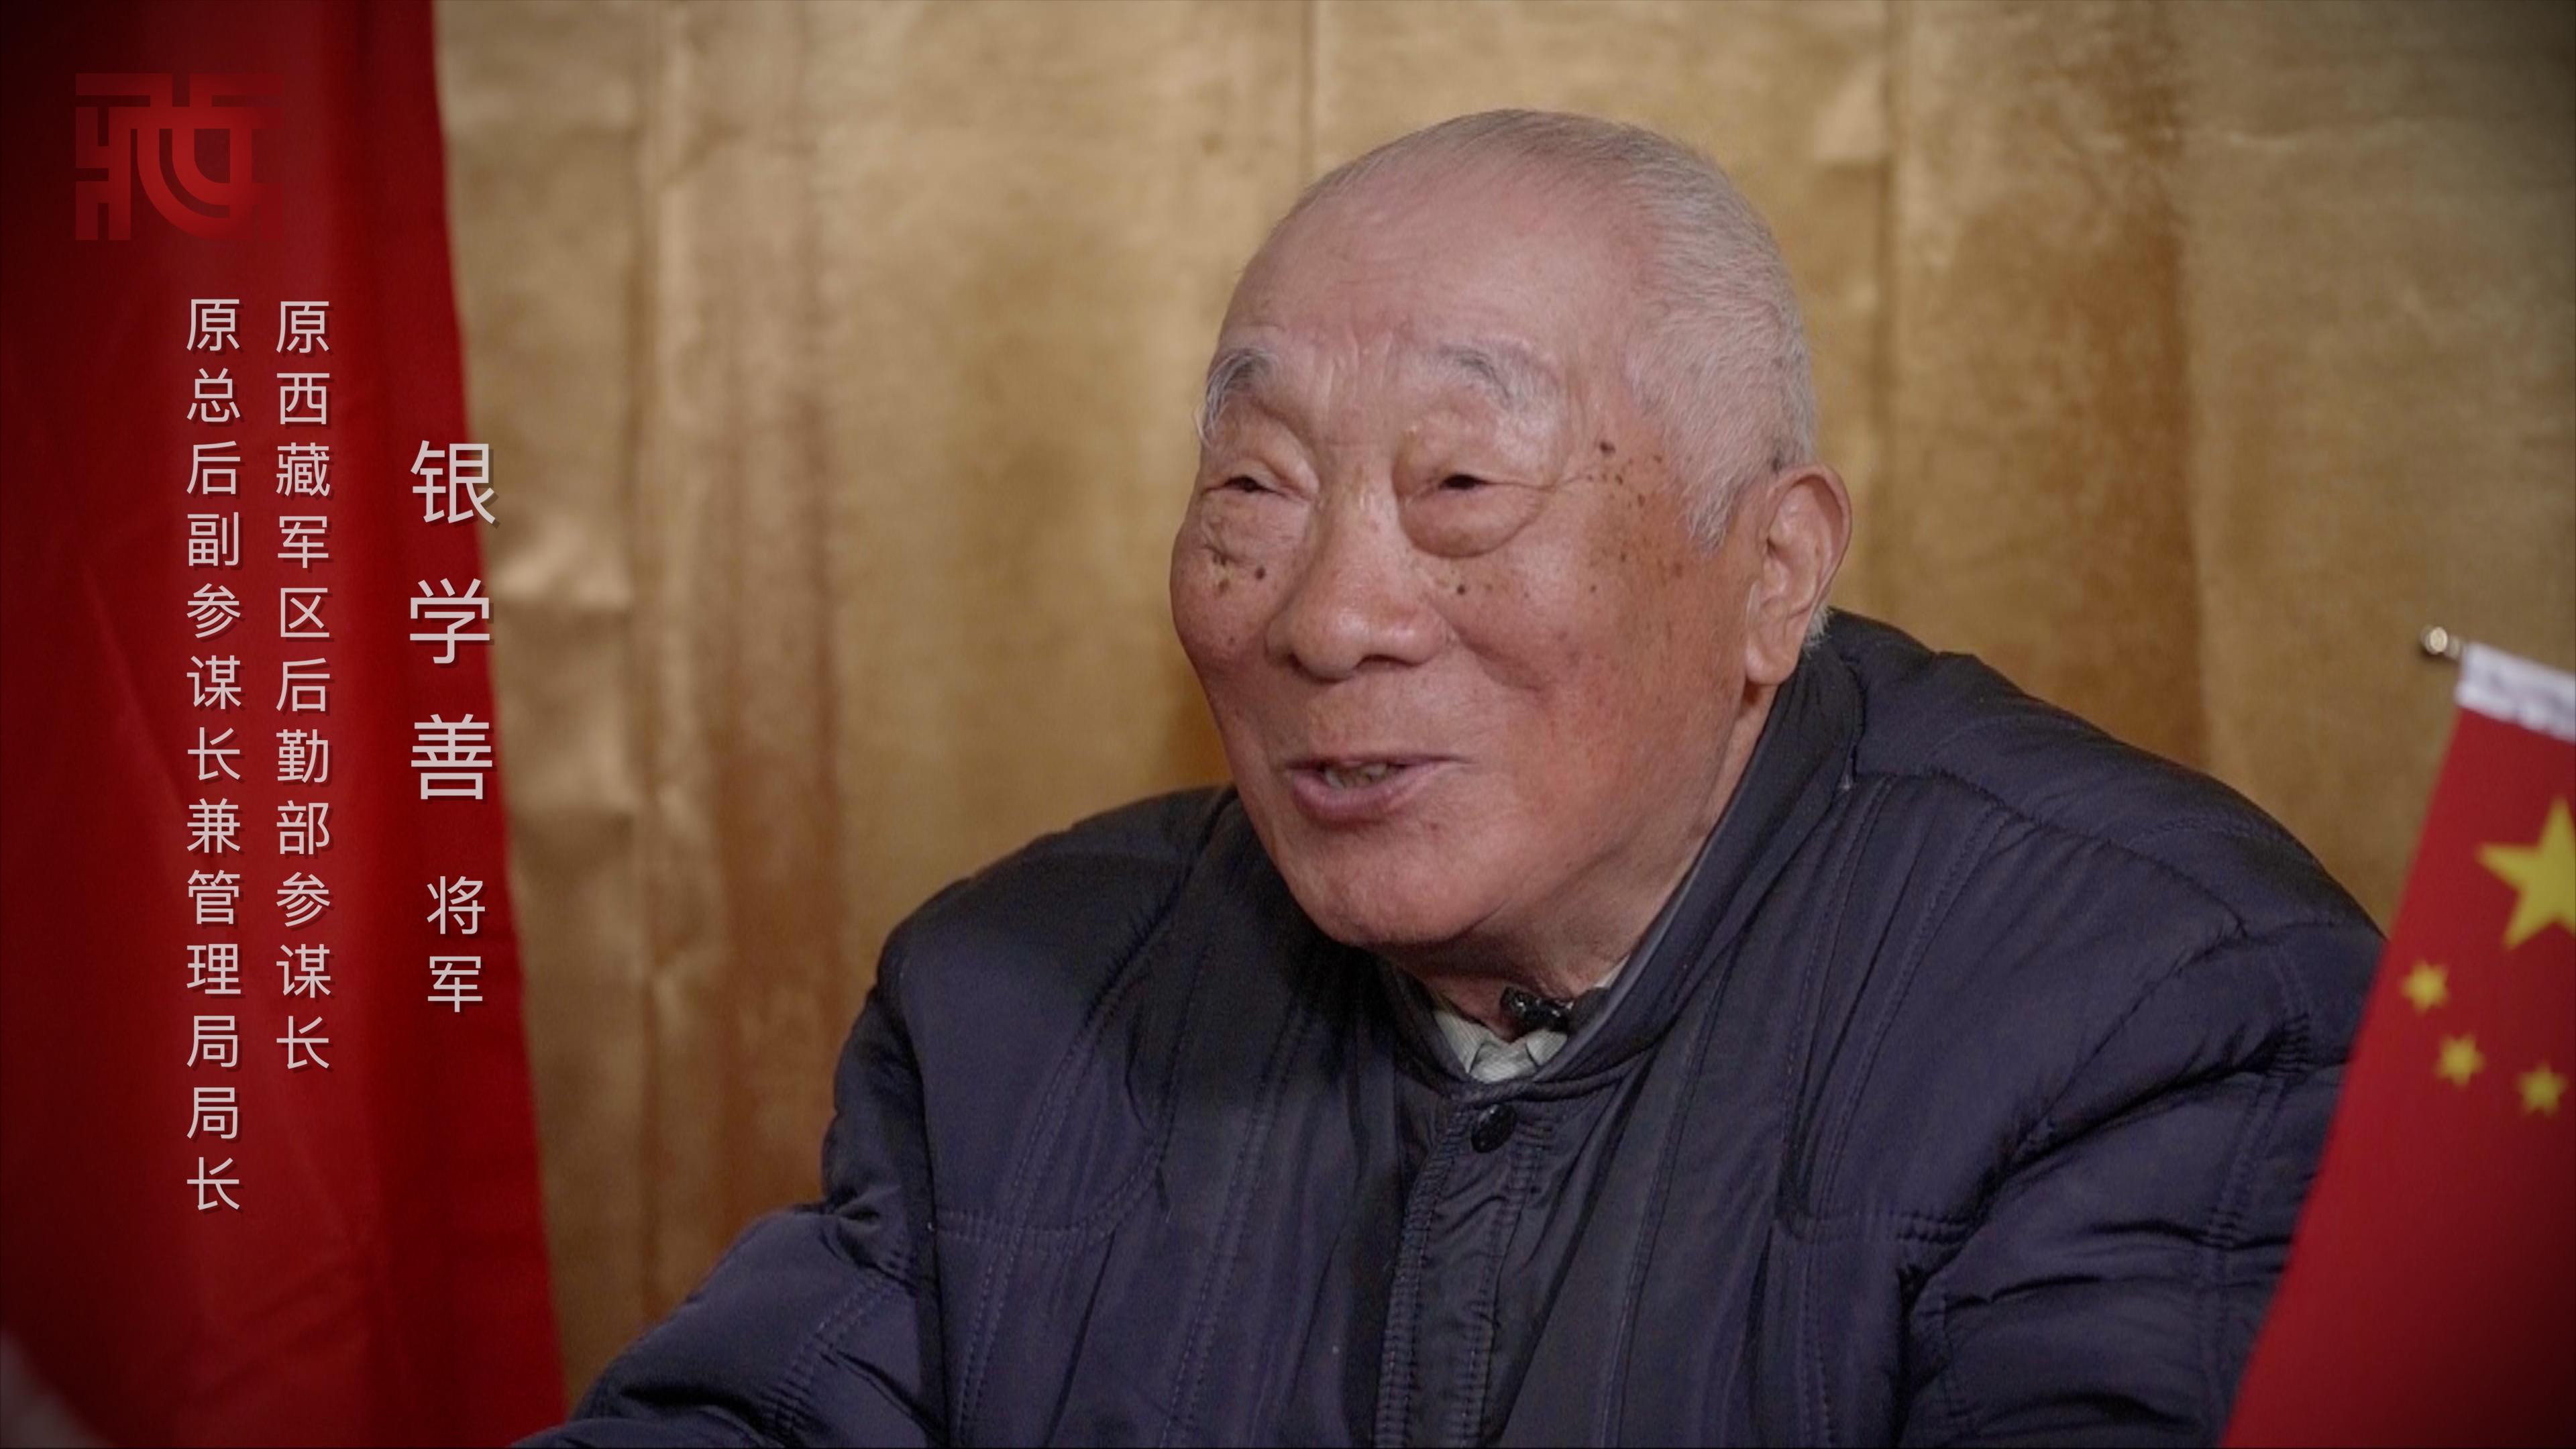 【十八军进藏 风雪征程忆当年】银学善:上级命令急转目标 进军解放西藏